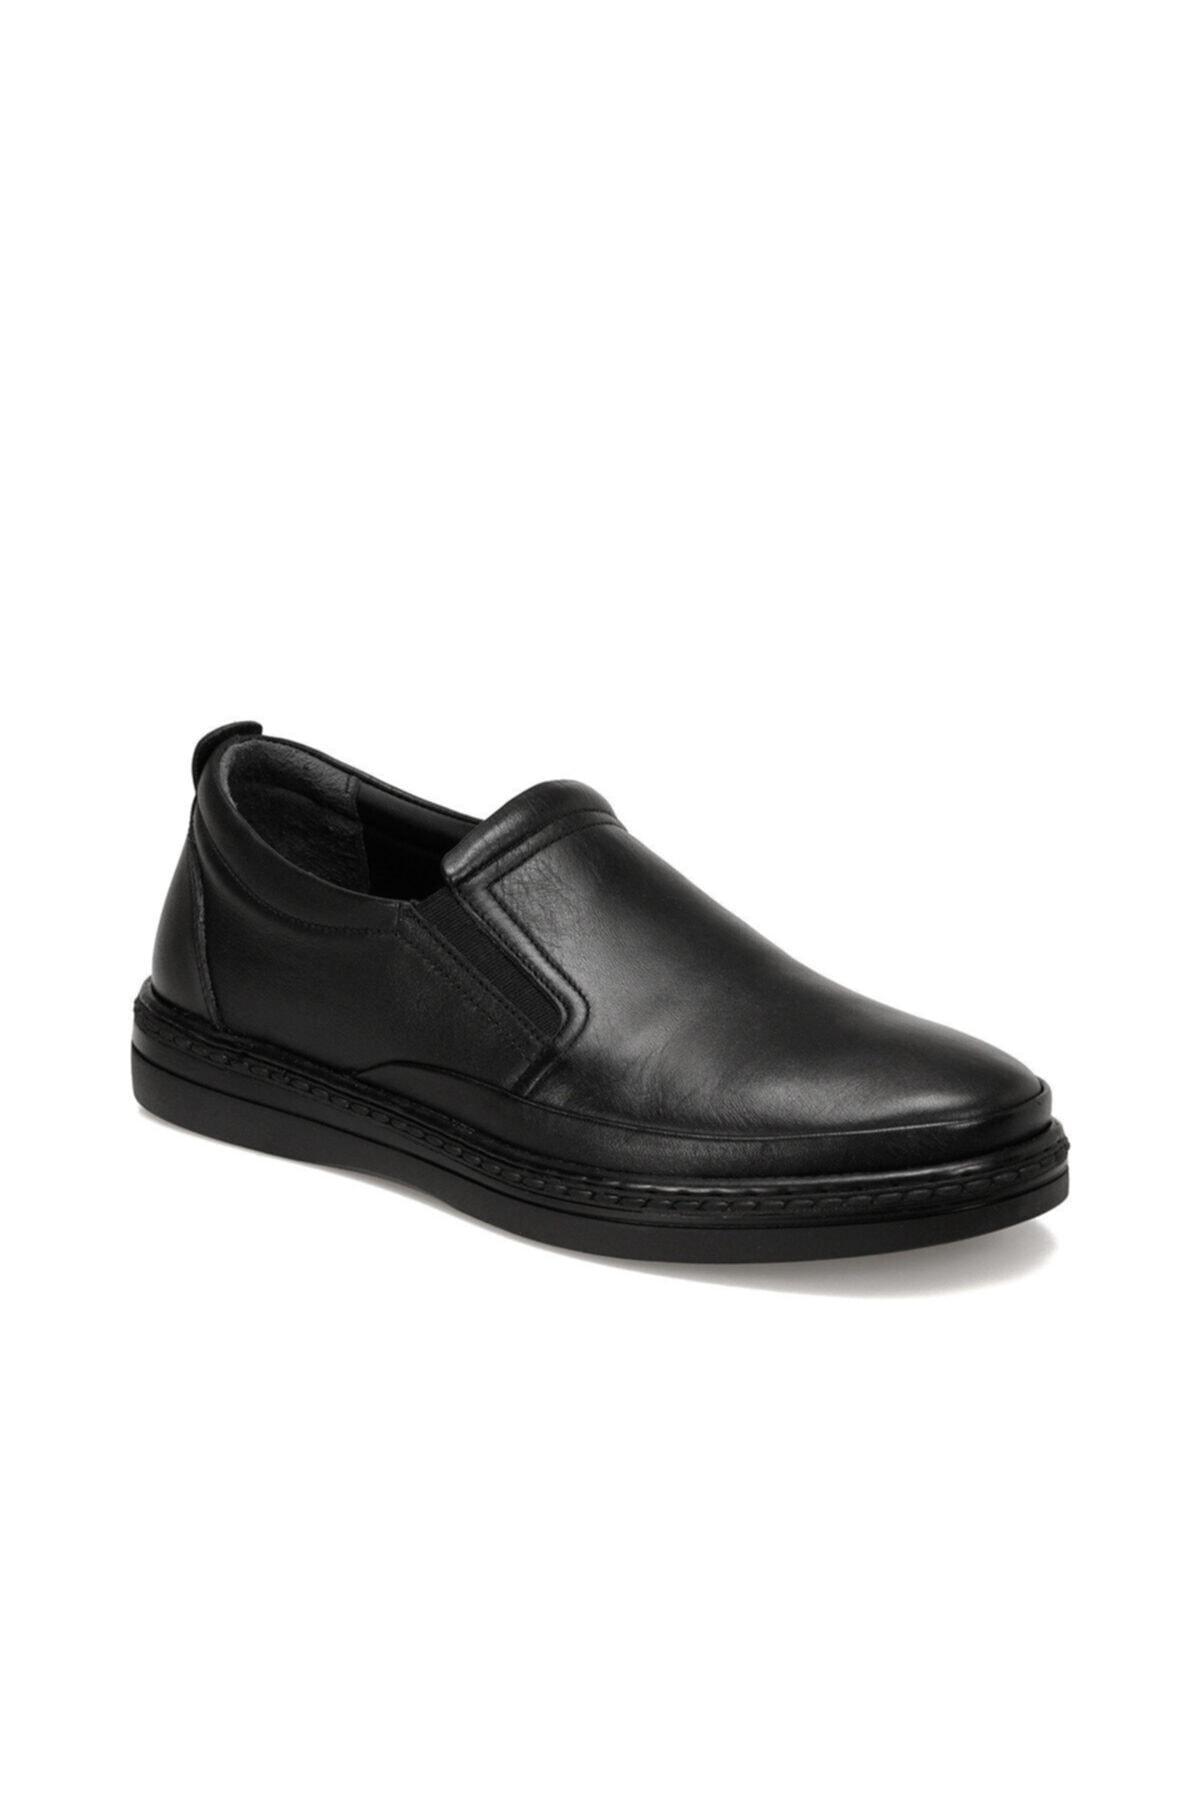 Polaris 5 Nokta 102238.M Siyah Erkek Ayakkabı 100552067 1